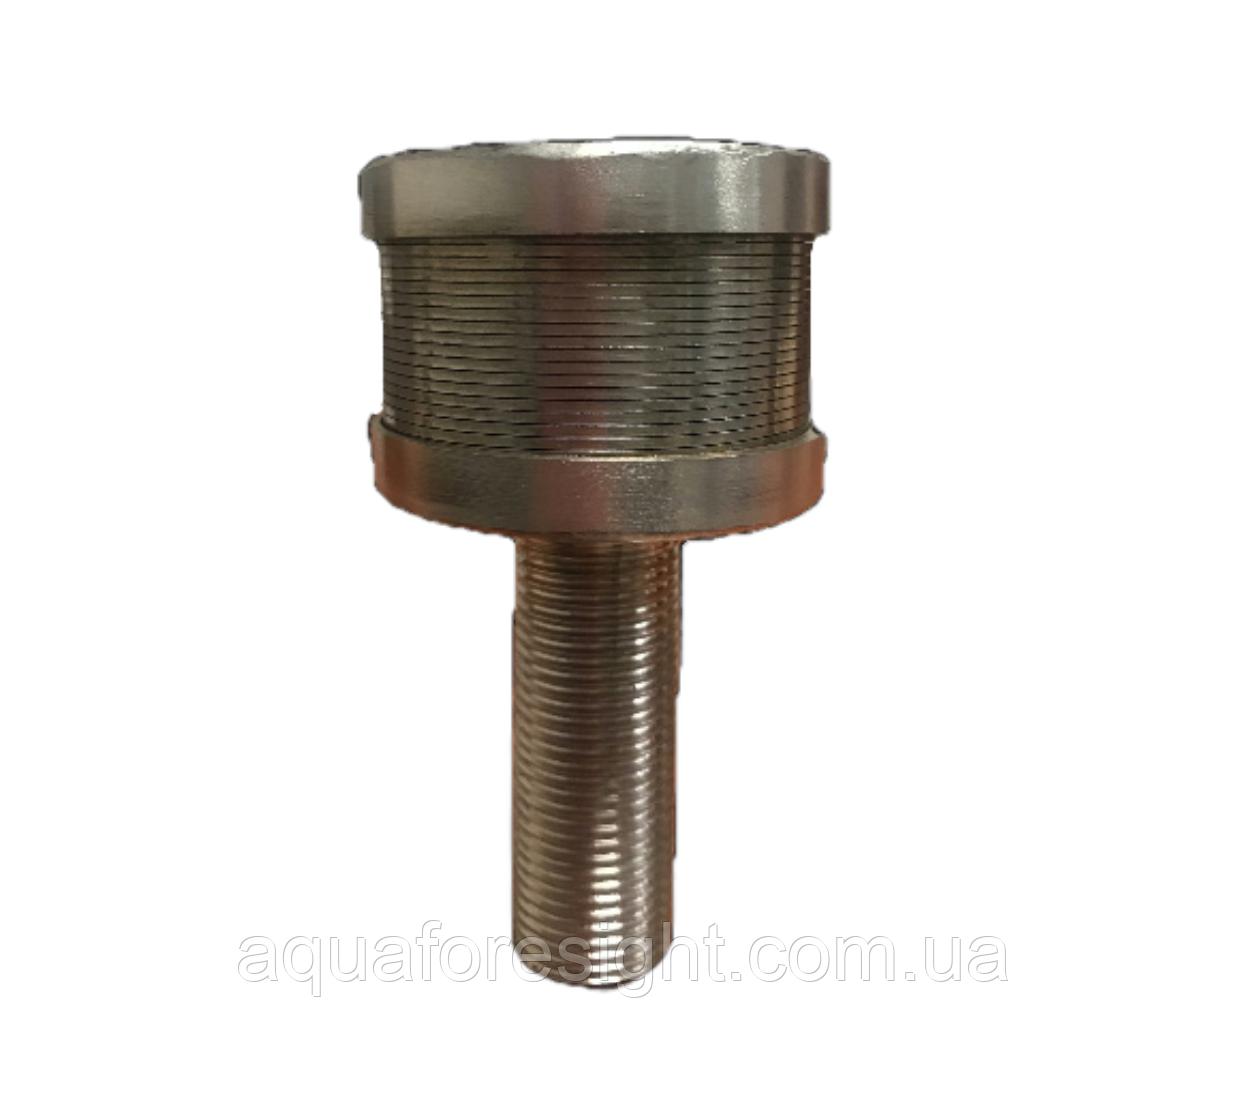 Колпачок ФЭЛ 0,2-G1/2Н - 20 мм открытого слота